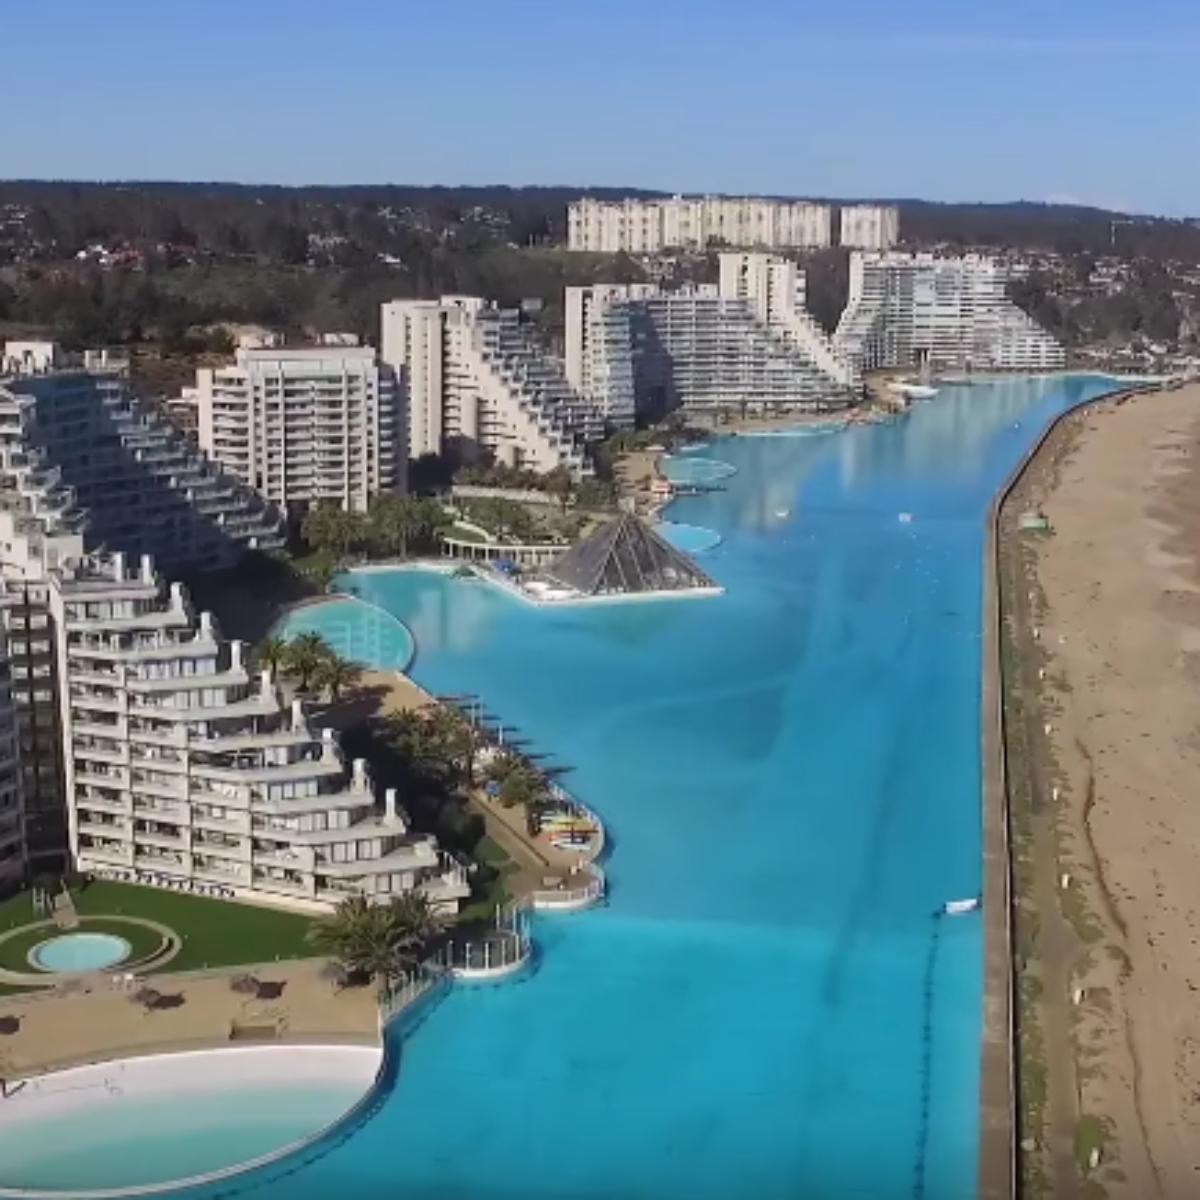 Chili : La Plus Grande Piscine Du Monde Survolée Par Un Drone ! encequiconcerne Plus Grande Piscine Du Monde